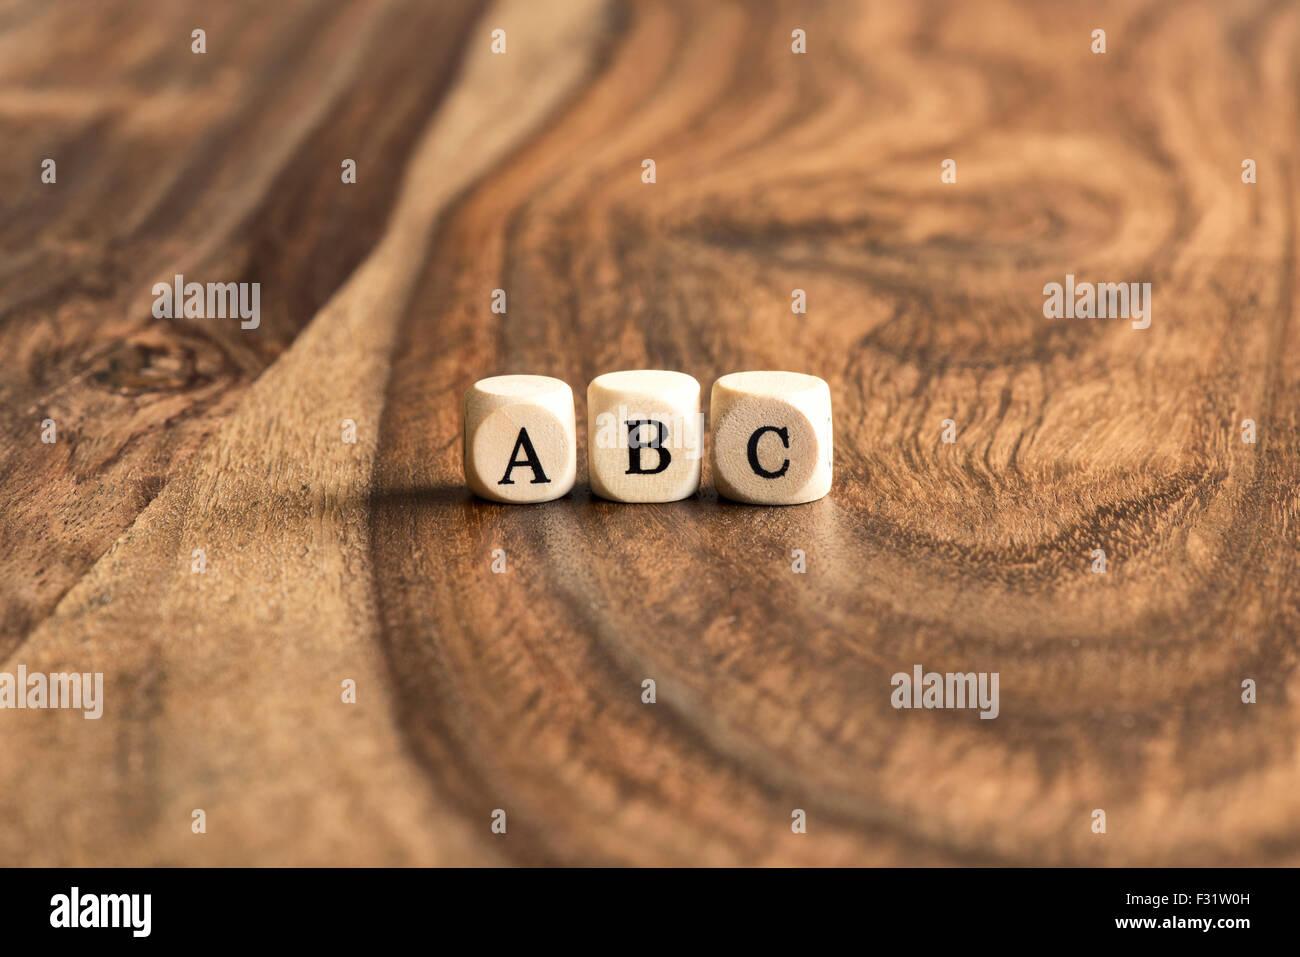 ABC Bausteine auf hölzernen Hintergrund Stockbild